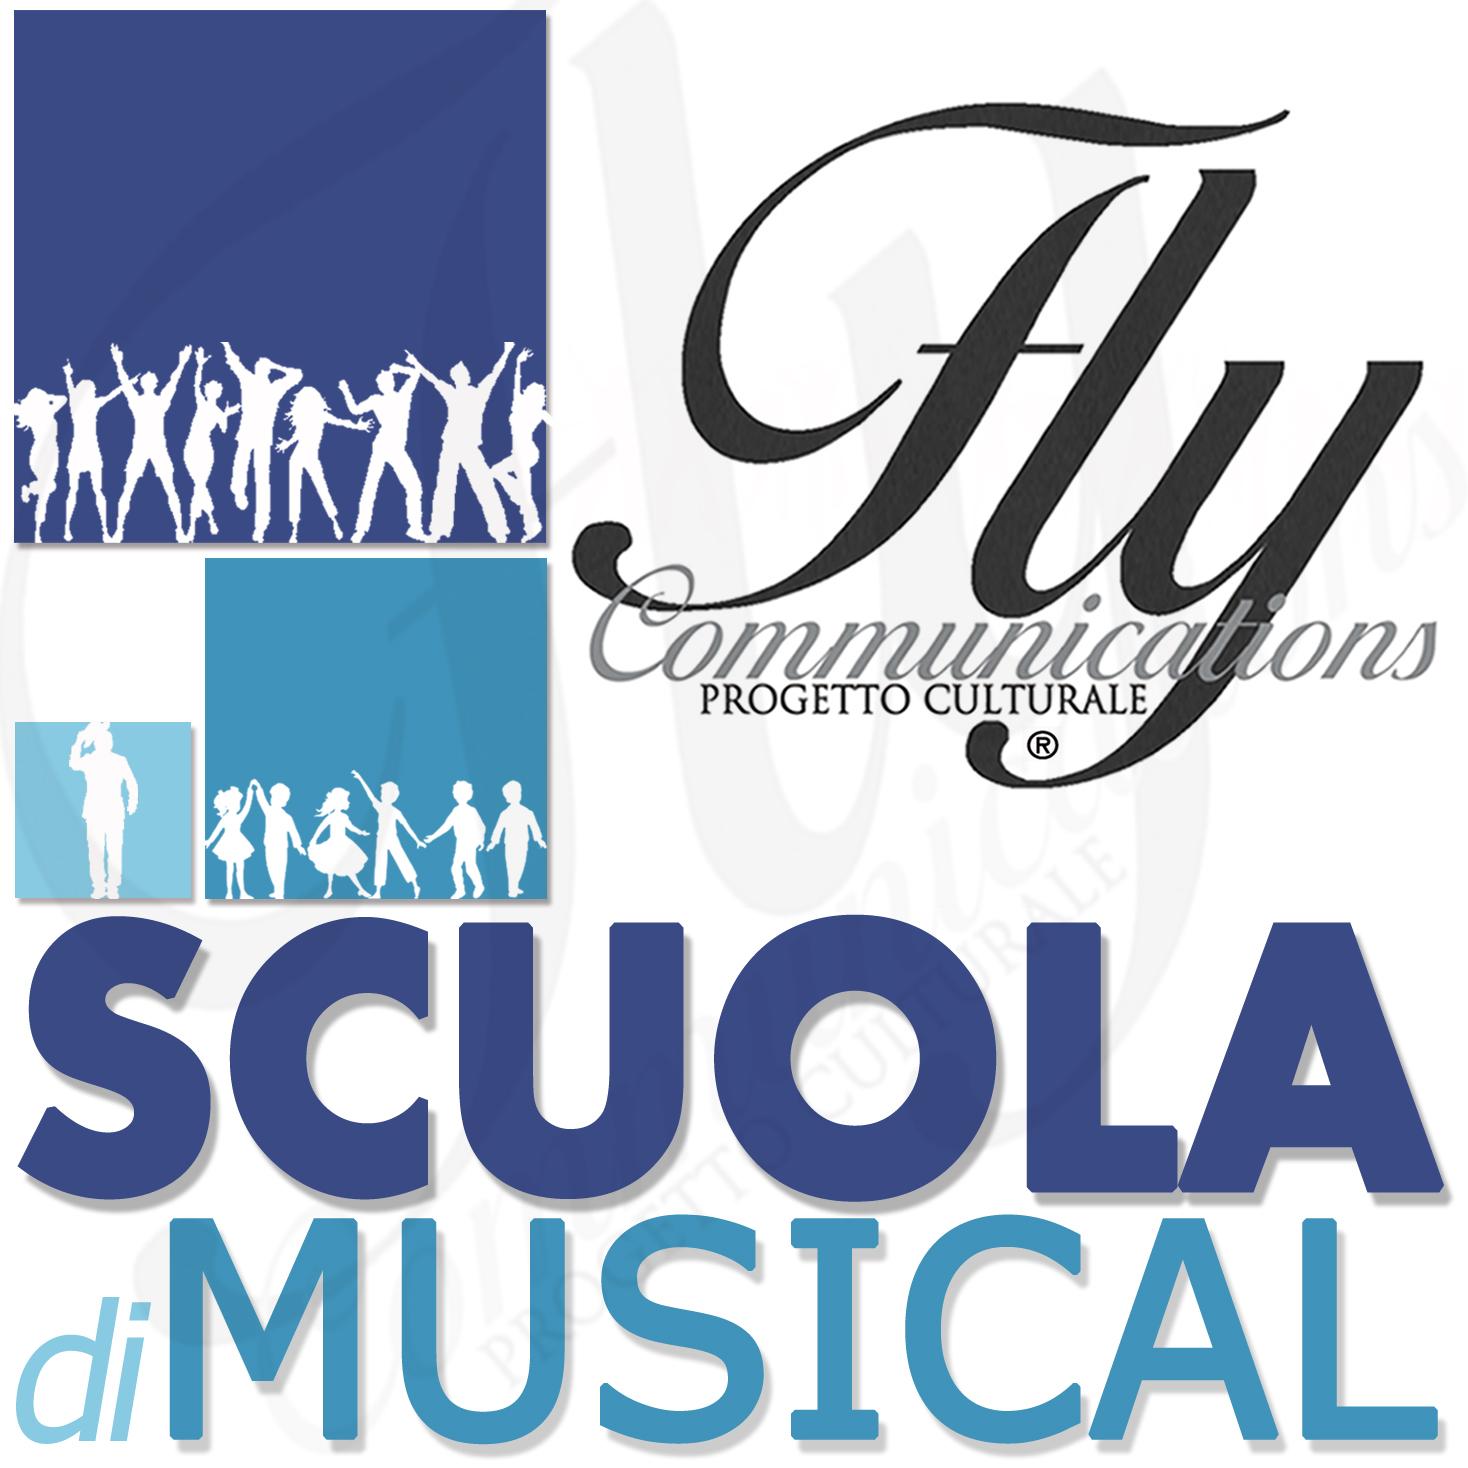 Riparte la Scuola di Musical Fly Communications